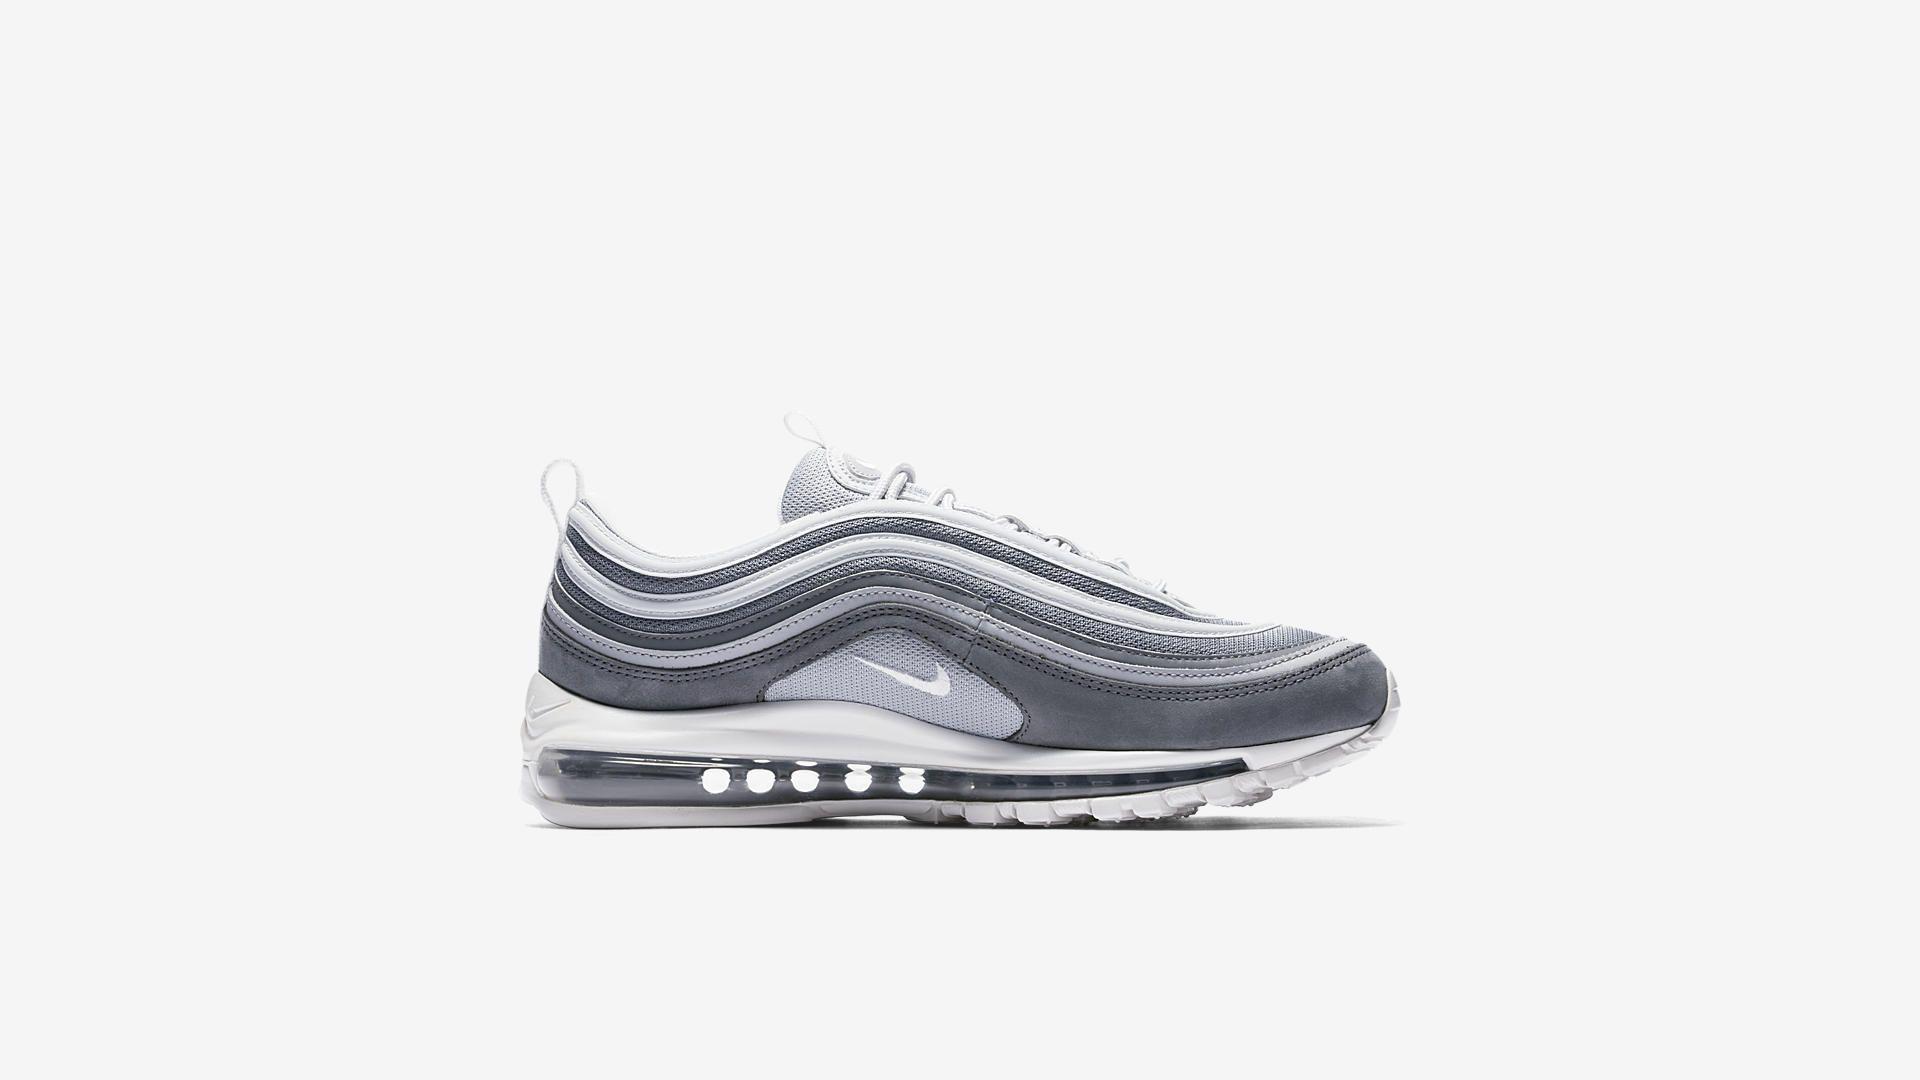 Nike Air Max 90 Hyperfuse – Solar Black, , #agpos, #sneaker, #sneakers,  #sneakerhead, #solecollector, #sneakerfreaker, #nicekicks, #kicks, #kotd, …